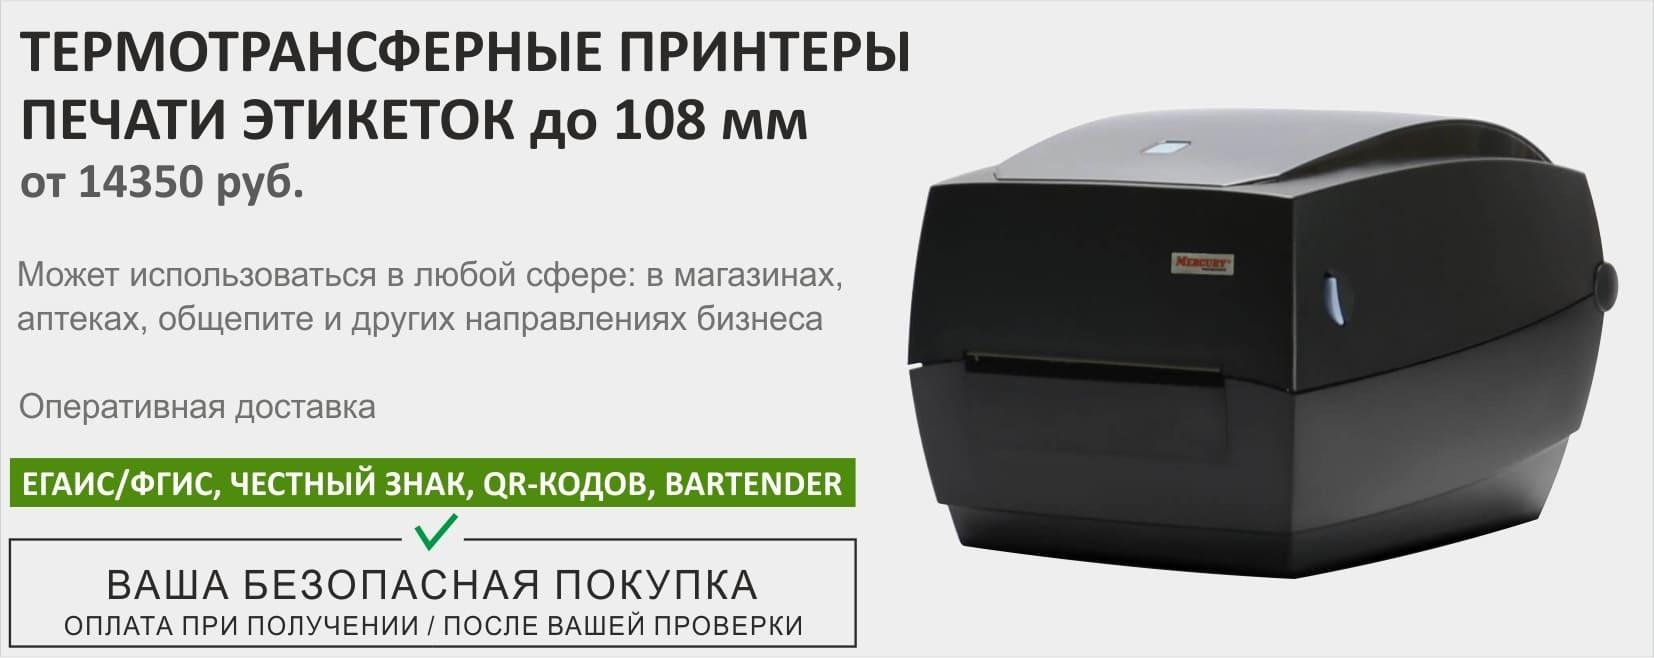 - Принтеры этикеток до 108 мм